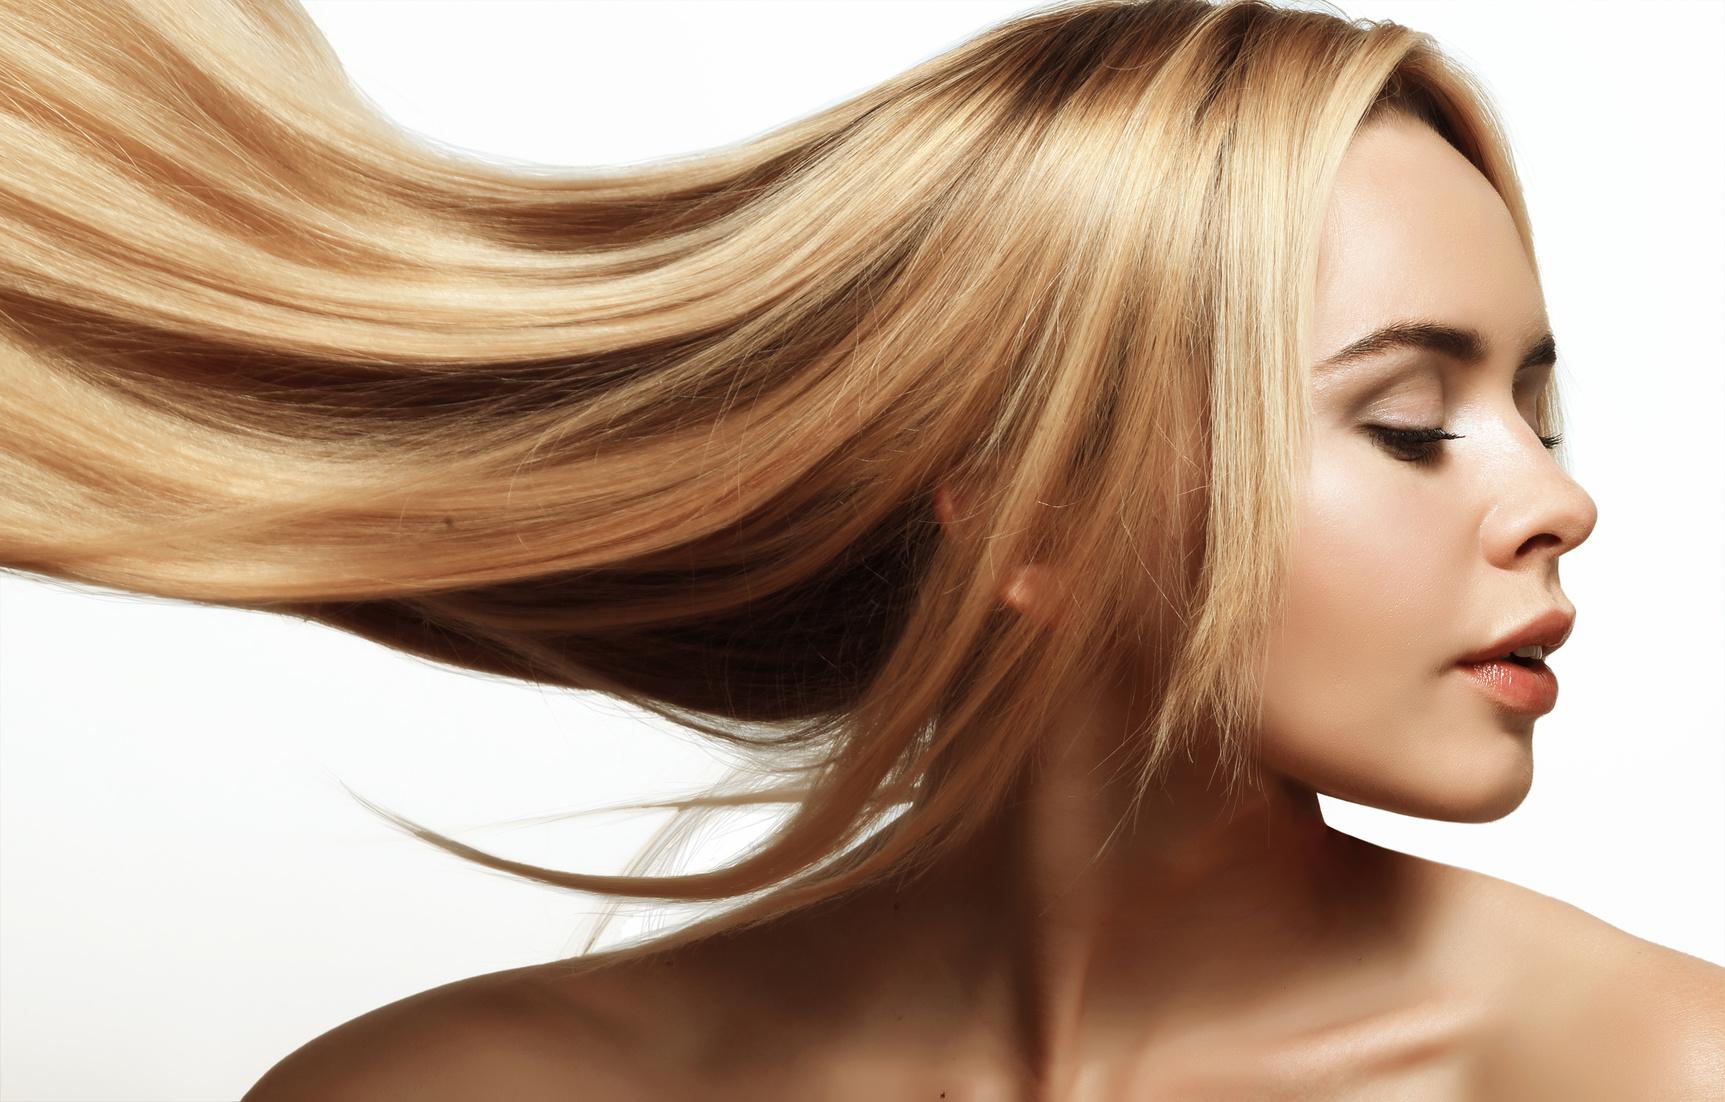 Hiusten keratiinisuoristus tai keratiinihoito alk. 49€